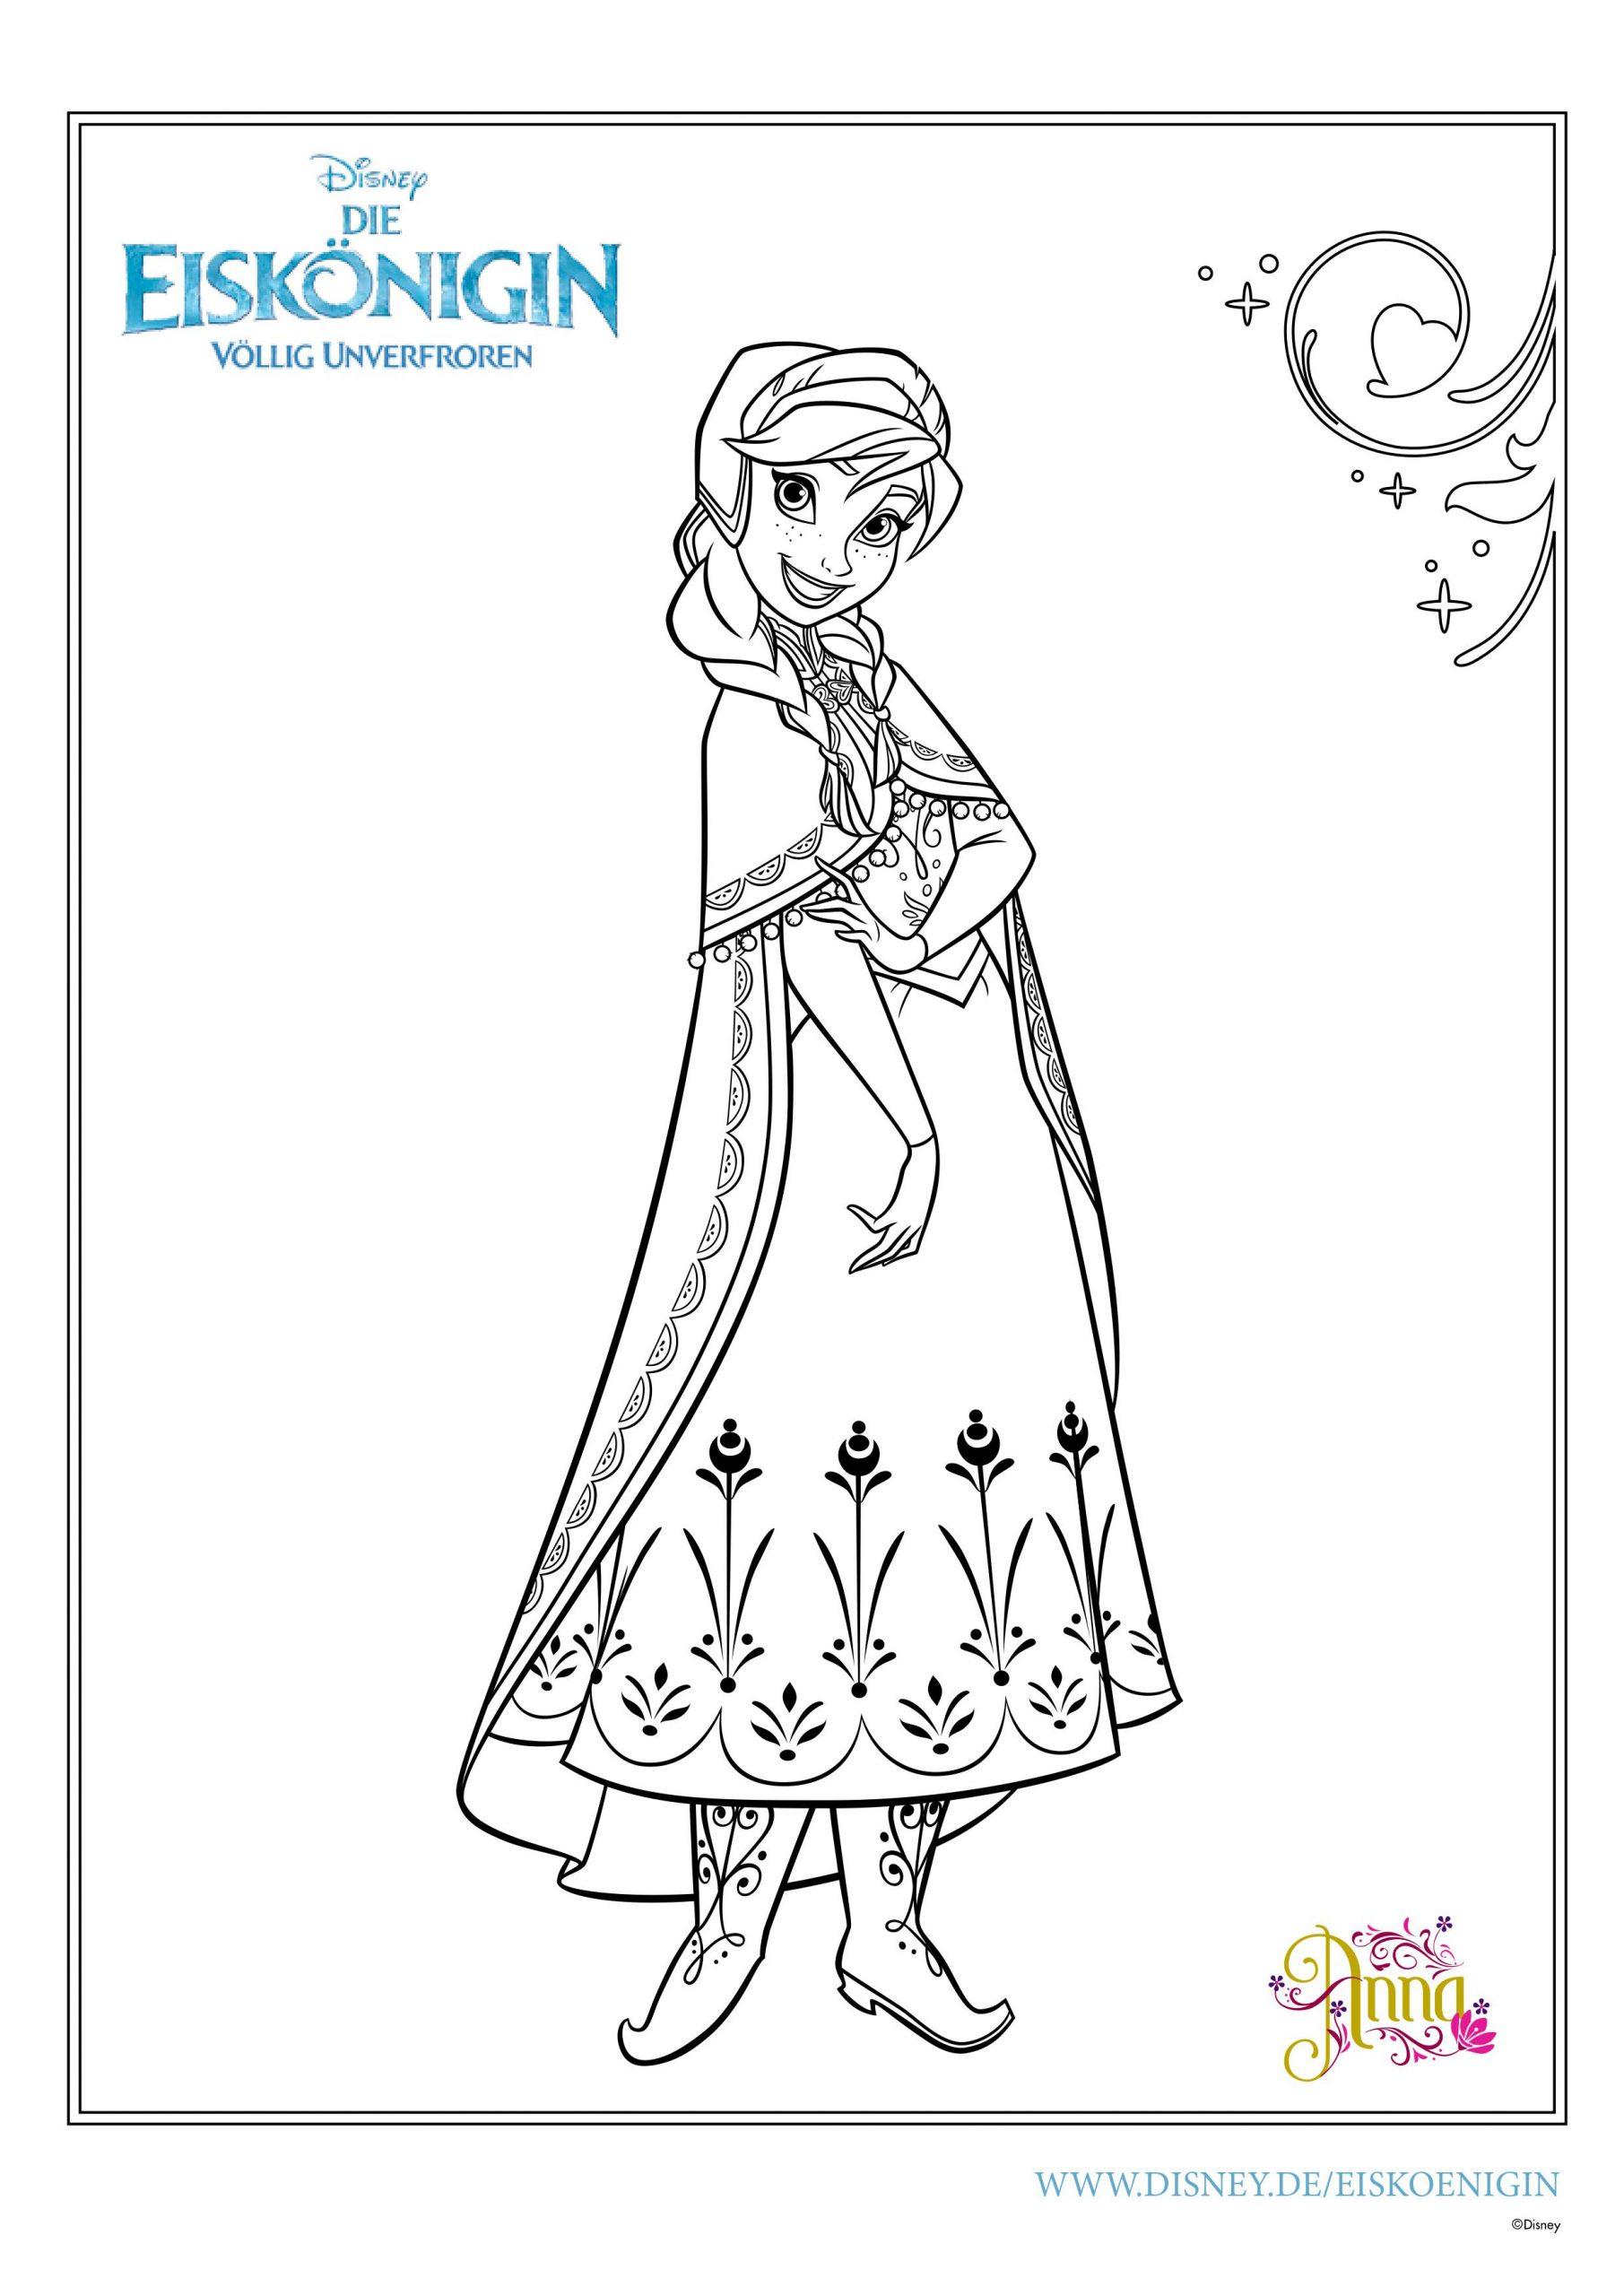 Ausmalbilder Eiskönigin | Mytoys-Blog verwandt mit Malvorlagen Kostenlos Disney